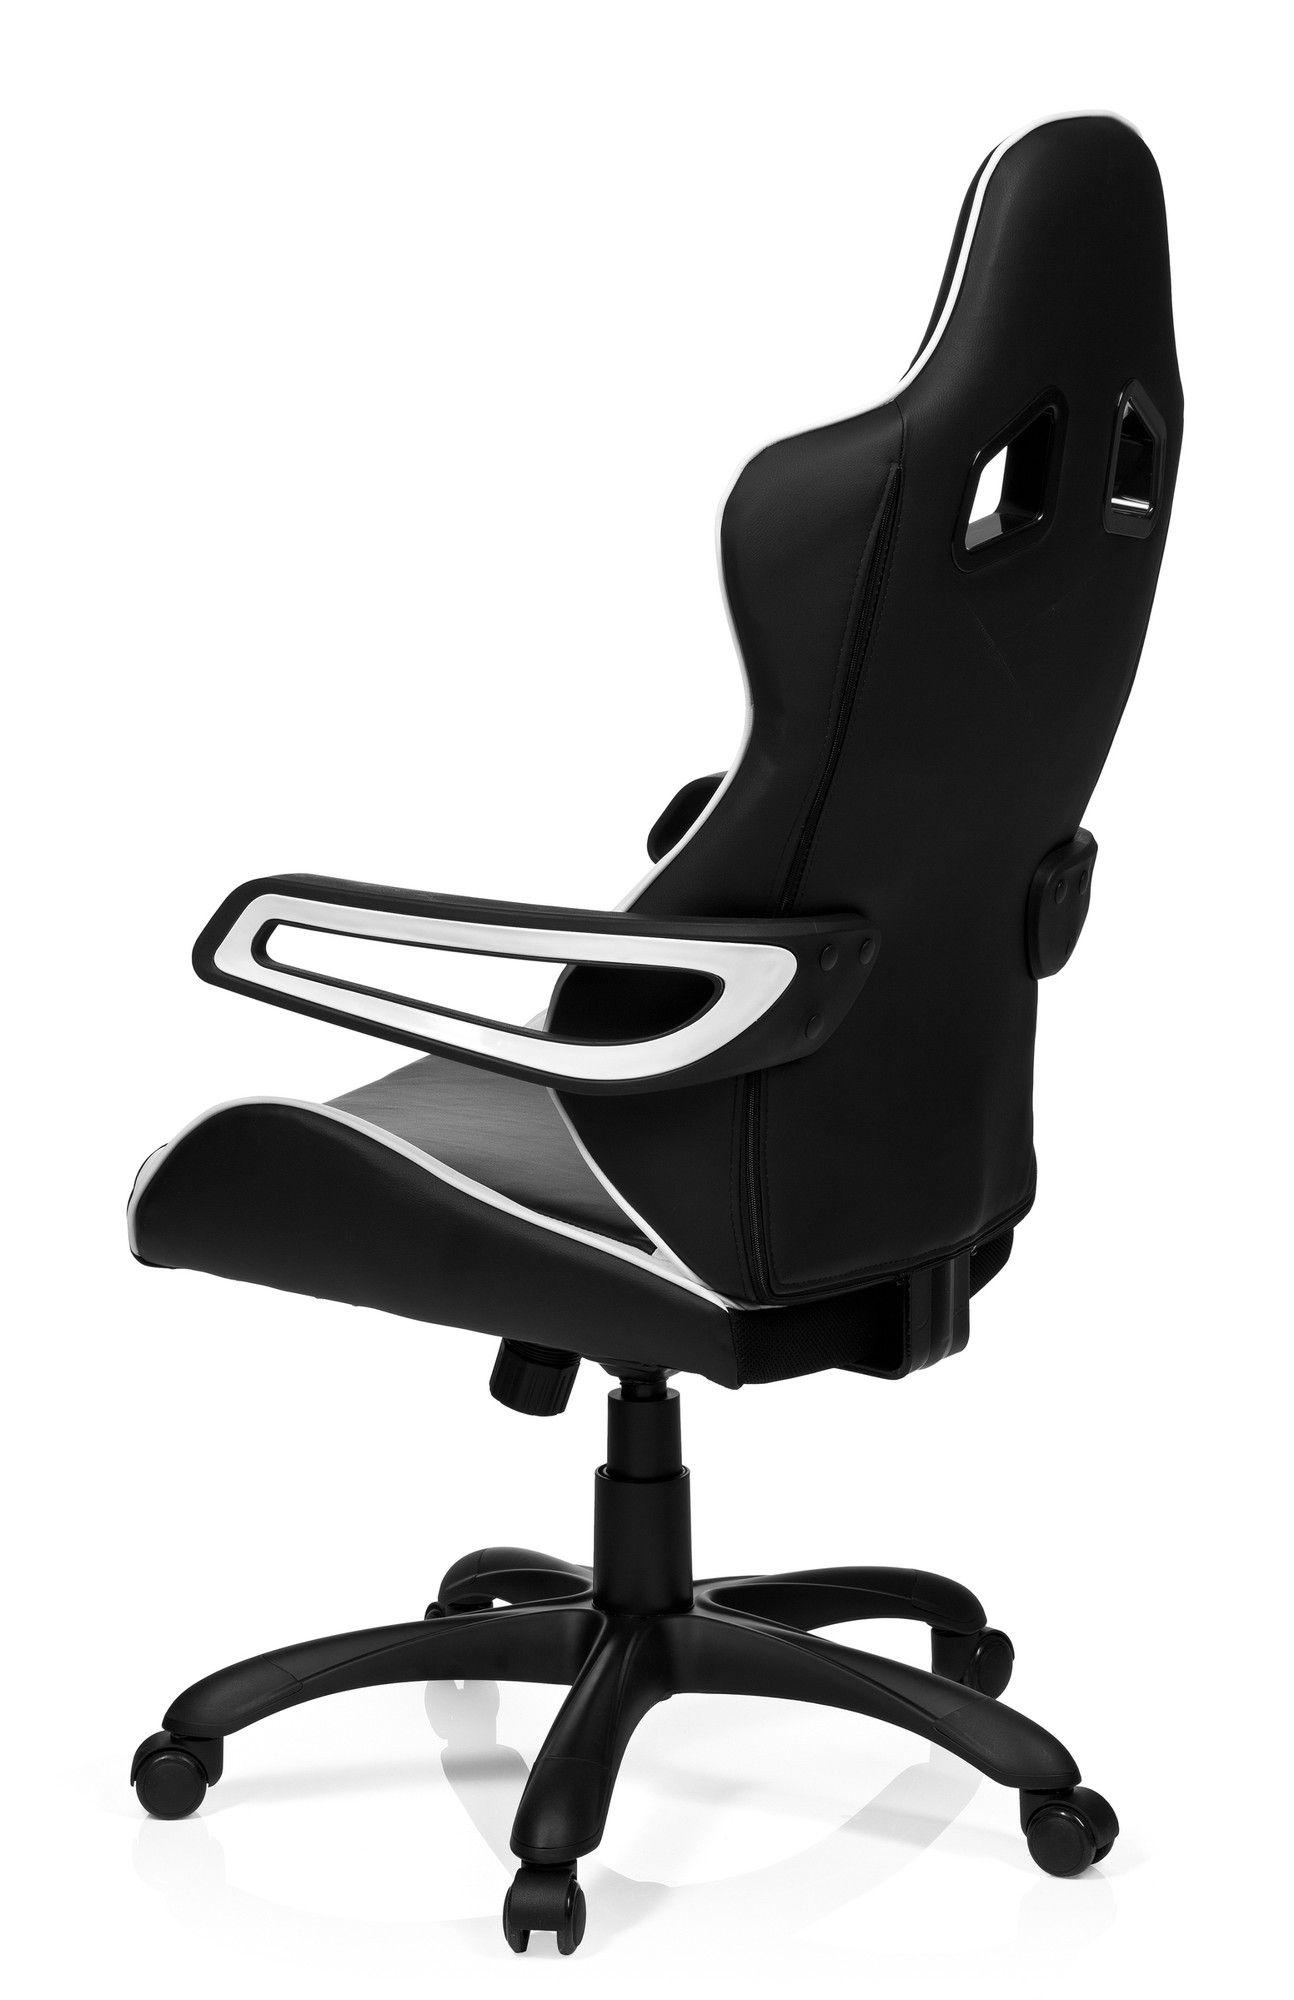 gaming stuhl b rostuhl racer pro i kunstleder schwarz wei hjh office b2b deutschland. Black Bedroom Furniture Sets. Home Design Ideas